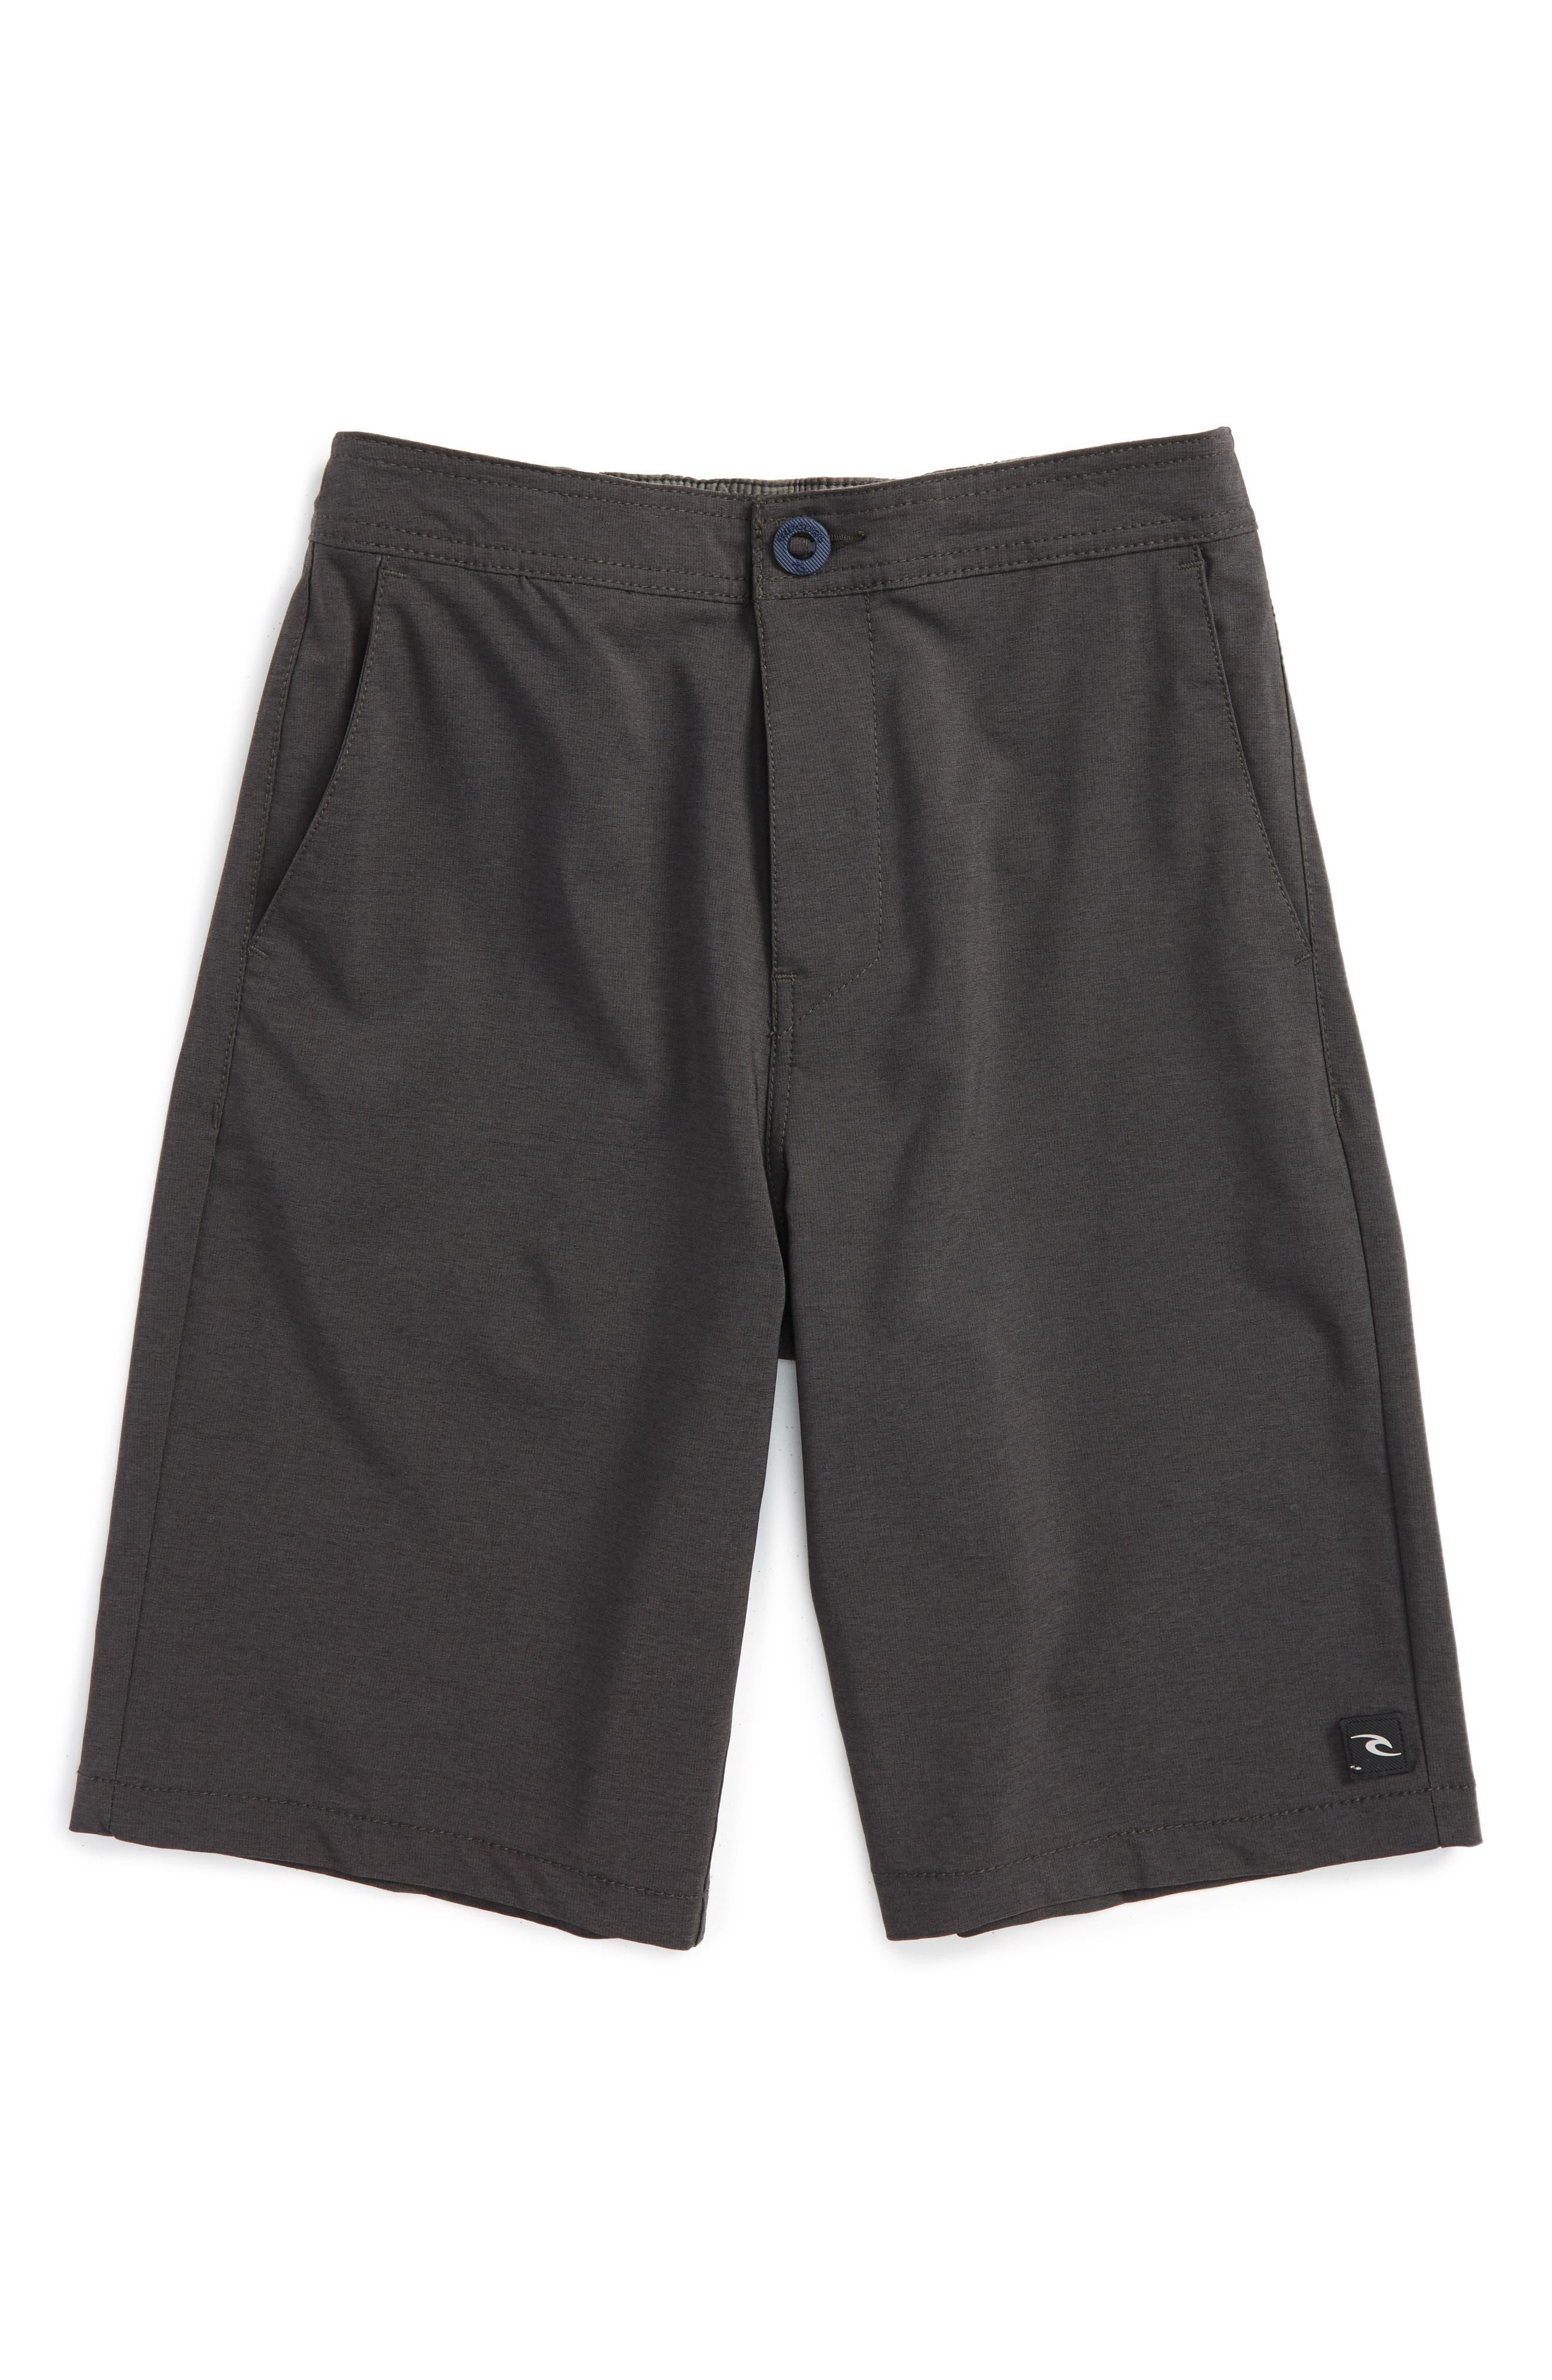 Rip Curl Omaha Hybrid Board Shorts (Big Boys)